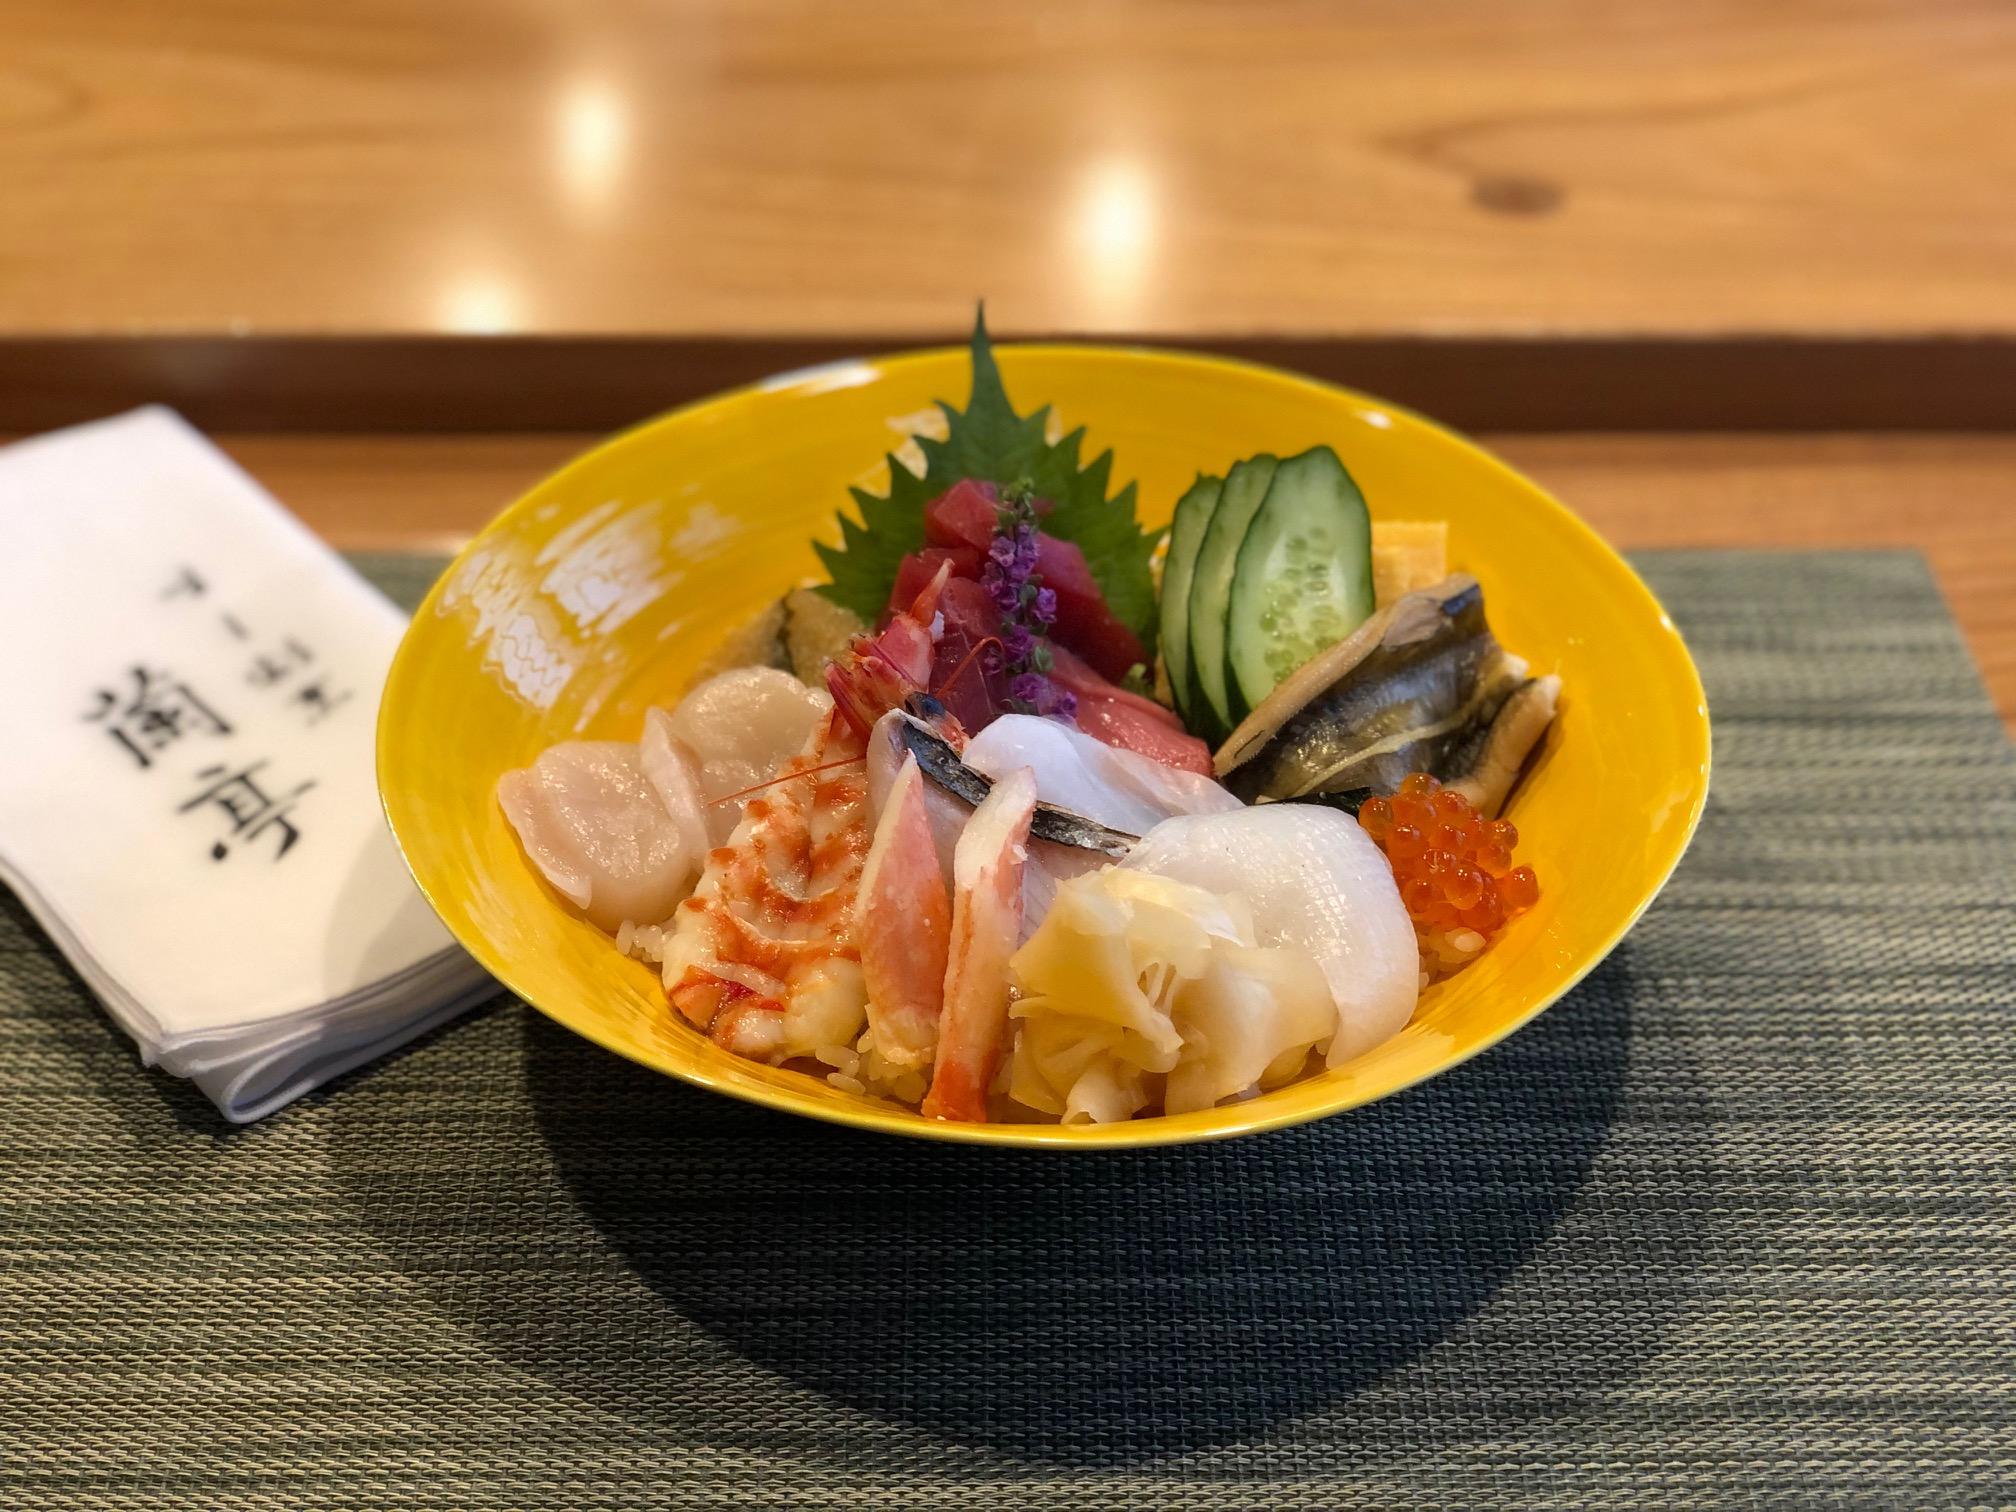 【昼の部】海鮮丼<p>茶碗蒸し・お椀・デザート付</p>